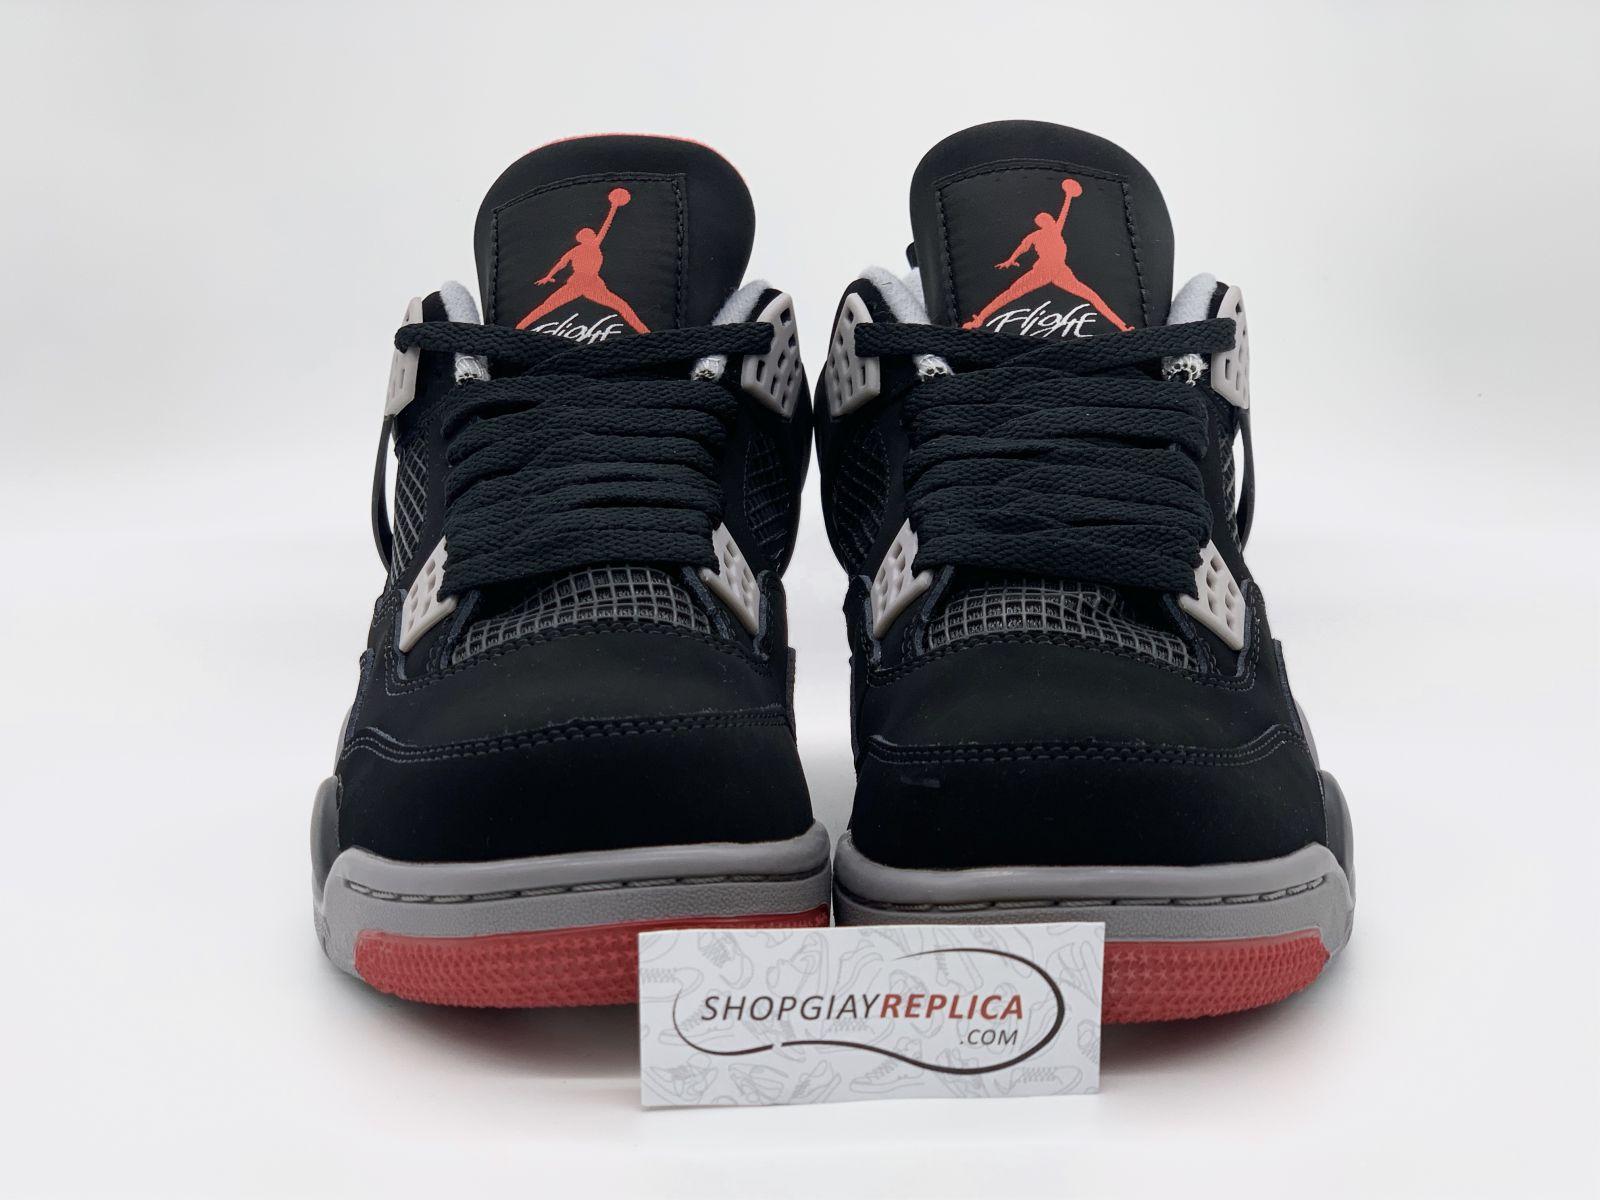 giày nike air jordan 4 retro bred rep